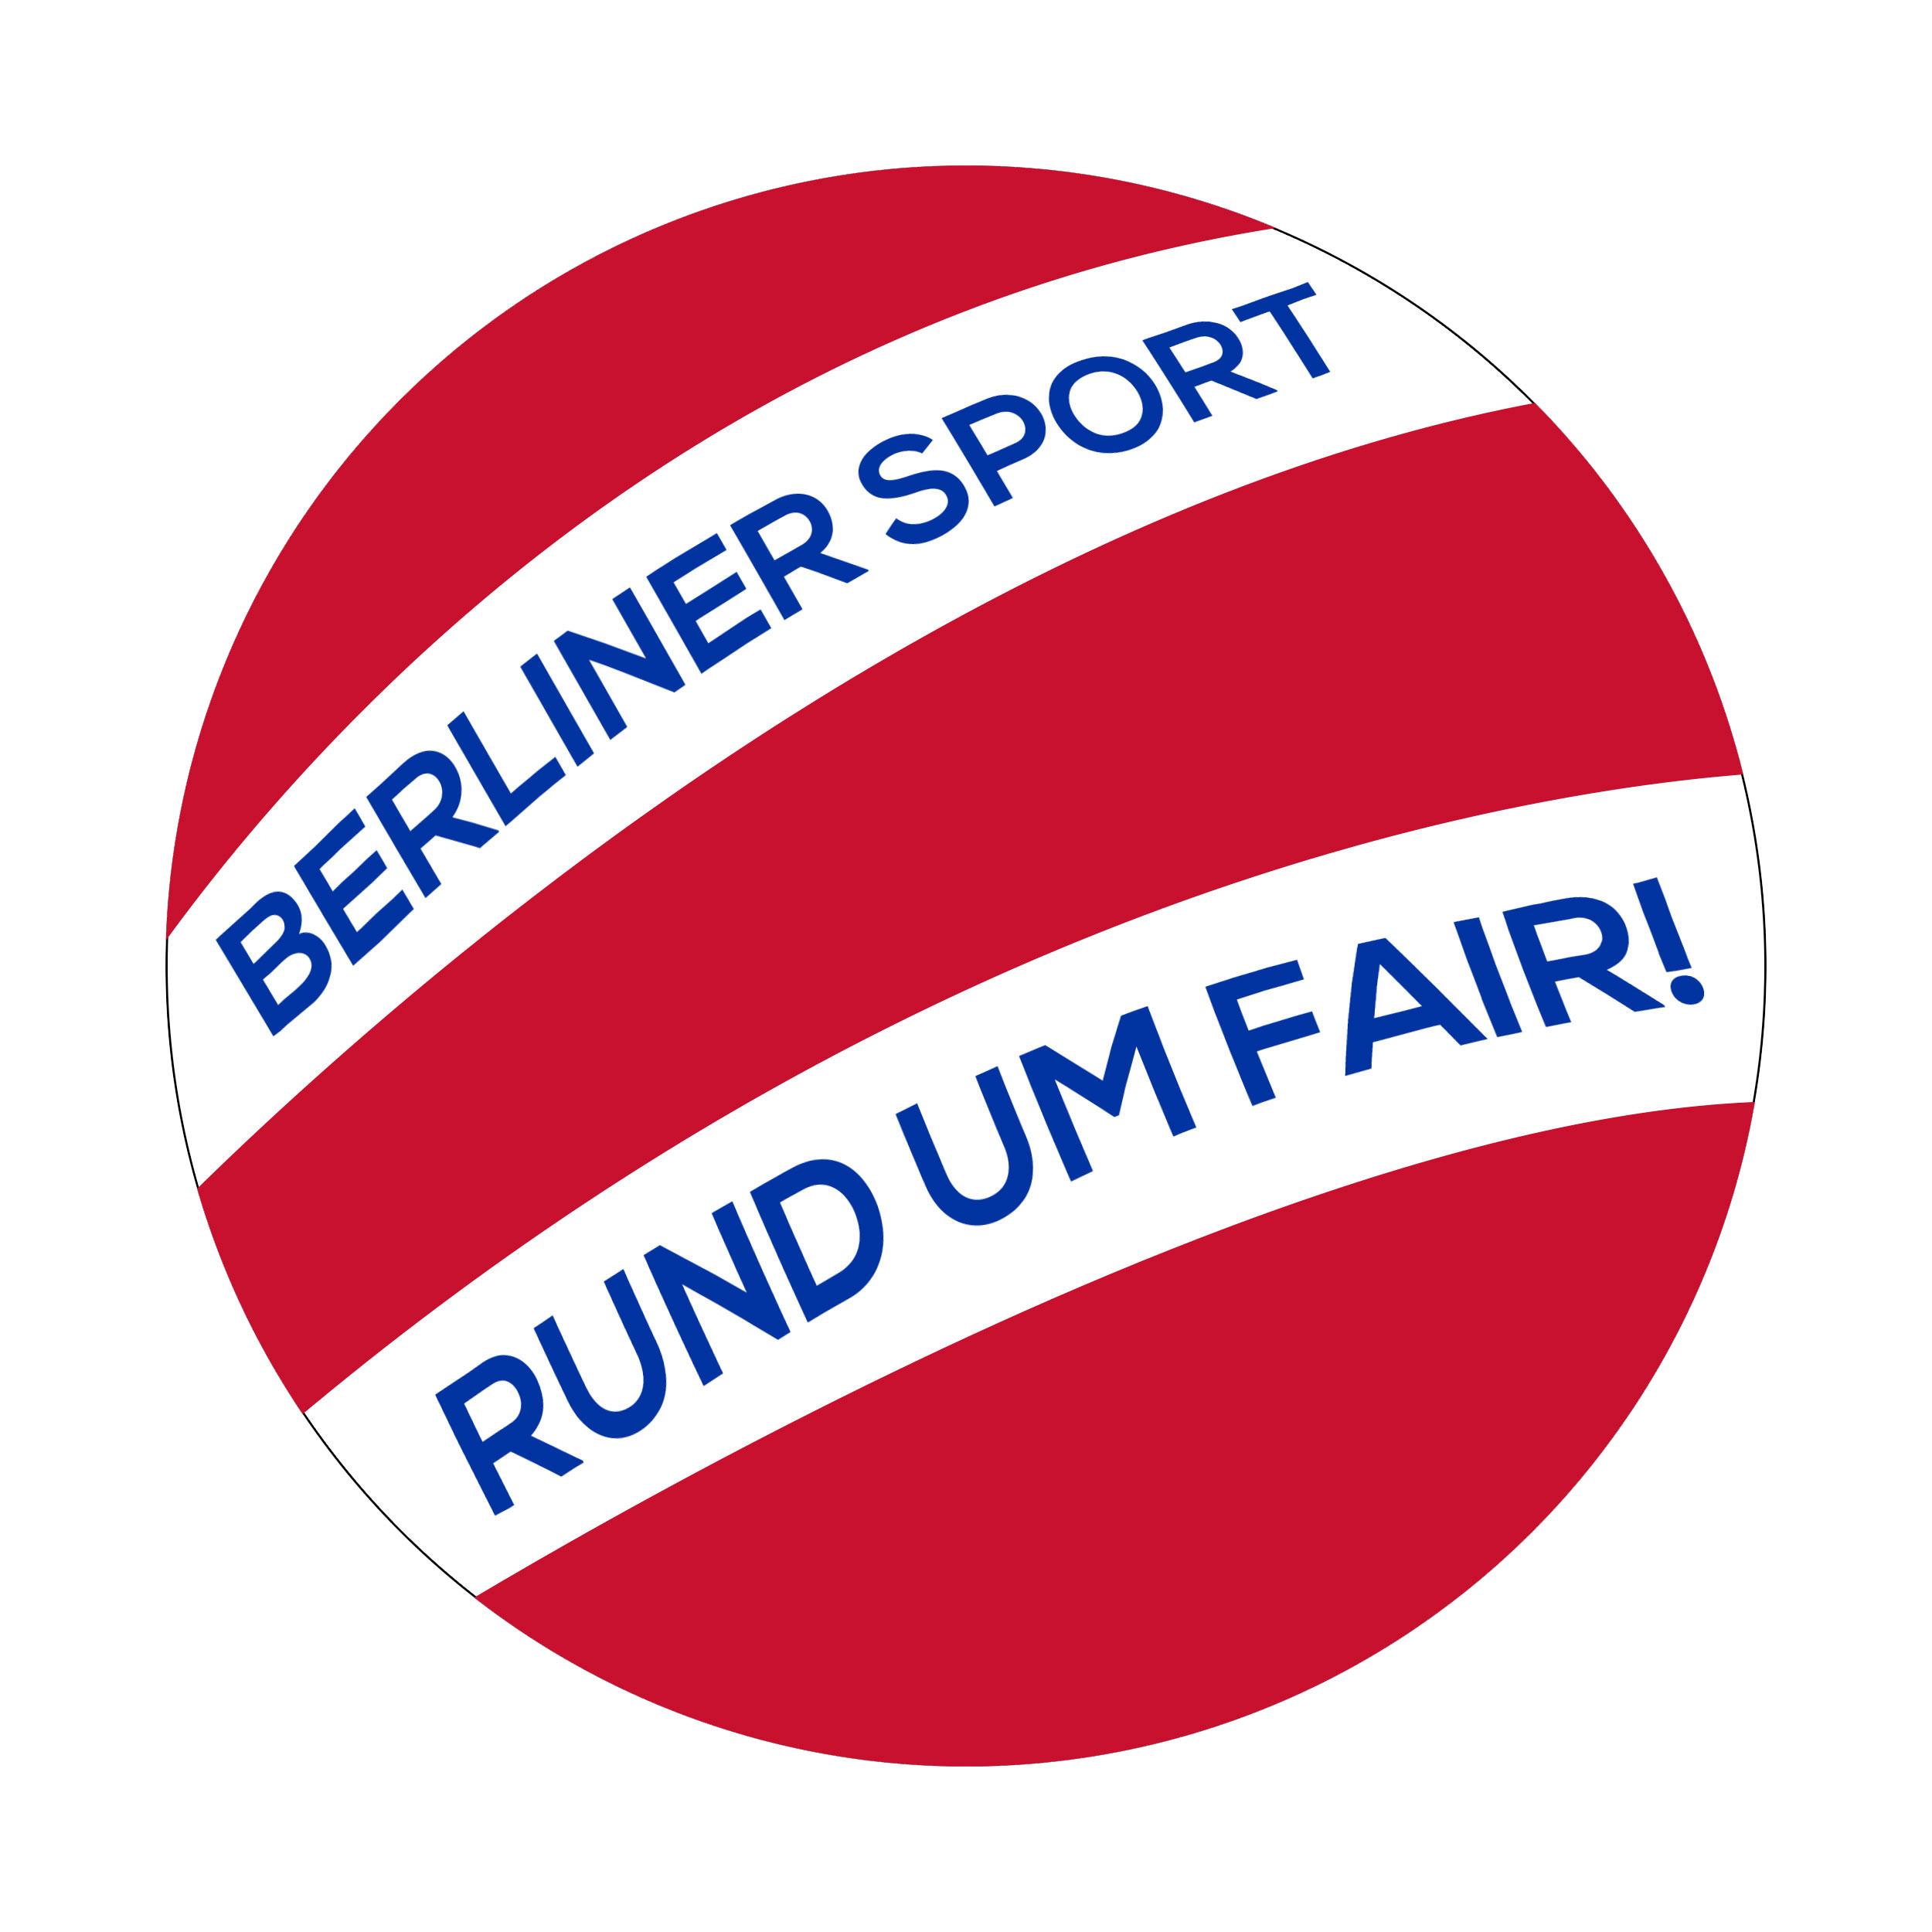 Berliner Sport – Rund um Fair!